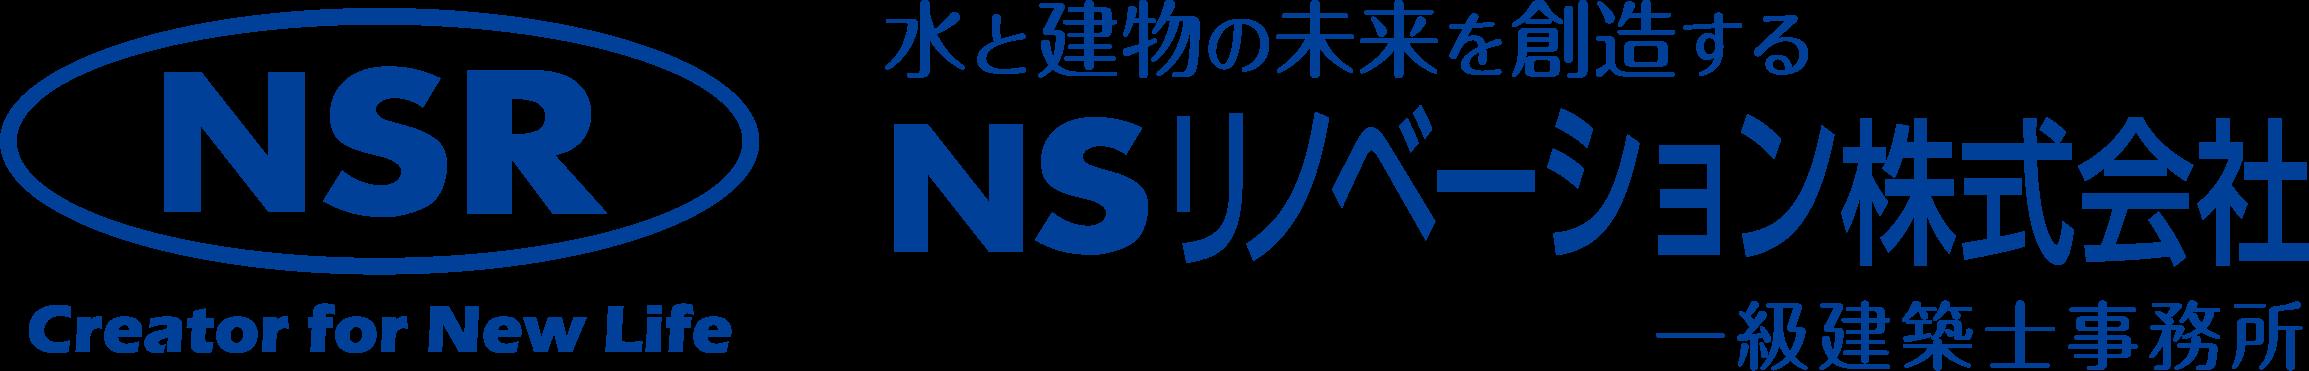 【NSR】NSリノベーション株式会社